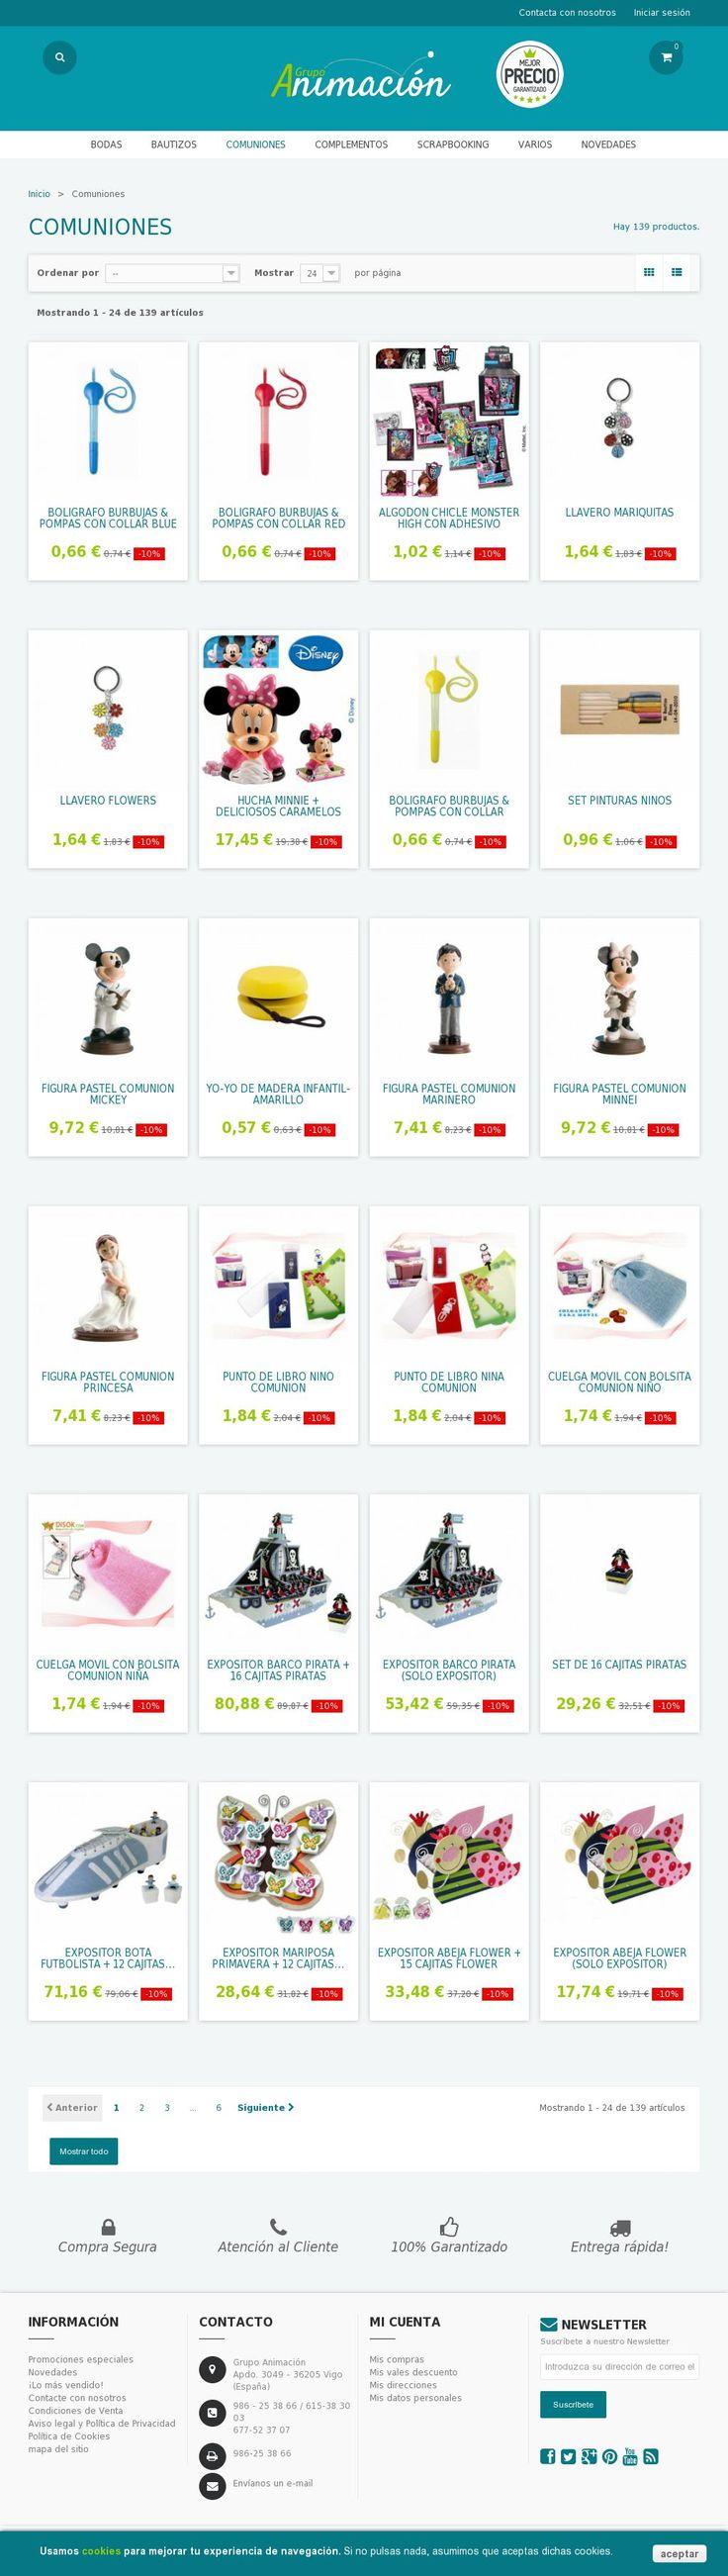 Compras online de regalos para Comuniones, detalles y obsequios para invitados. Envios a toda España.